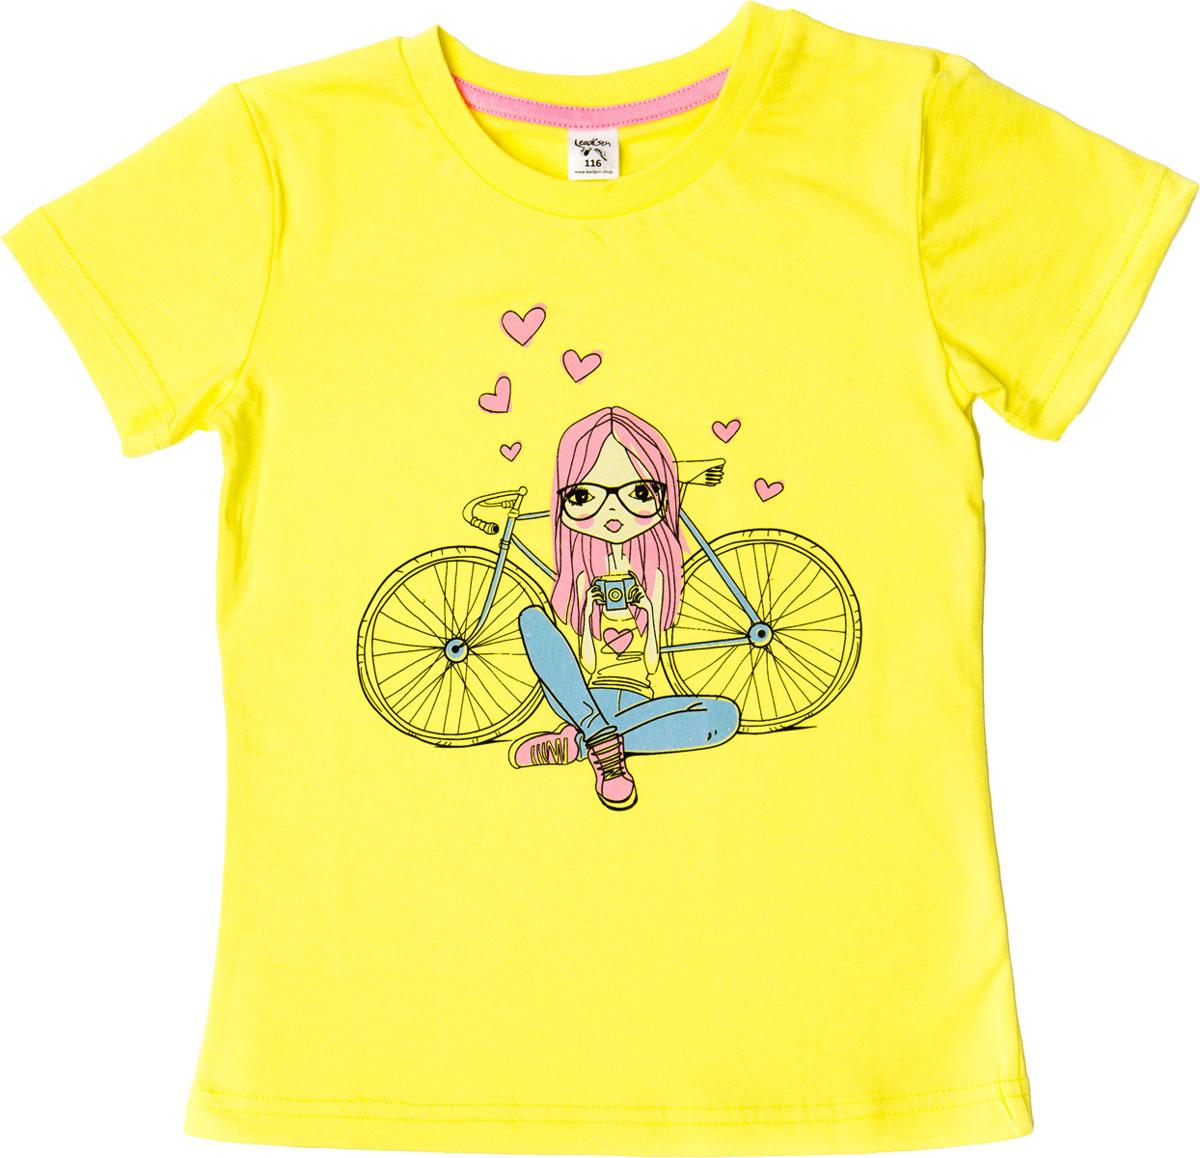 Футболка для девочки LeadGen, цвет: желтый. G613046915-171. Размер 122G613046915-171Футболка для девочки LeadGen выполнена из натурального хлопкового трикотажа. Модель с короткими рукавами и круглым вырезом горловины спереди оформлена принтом.